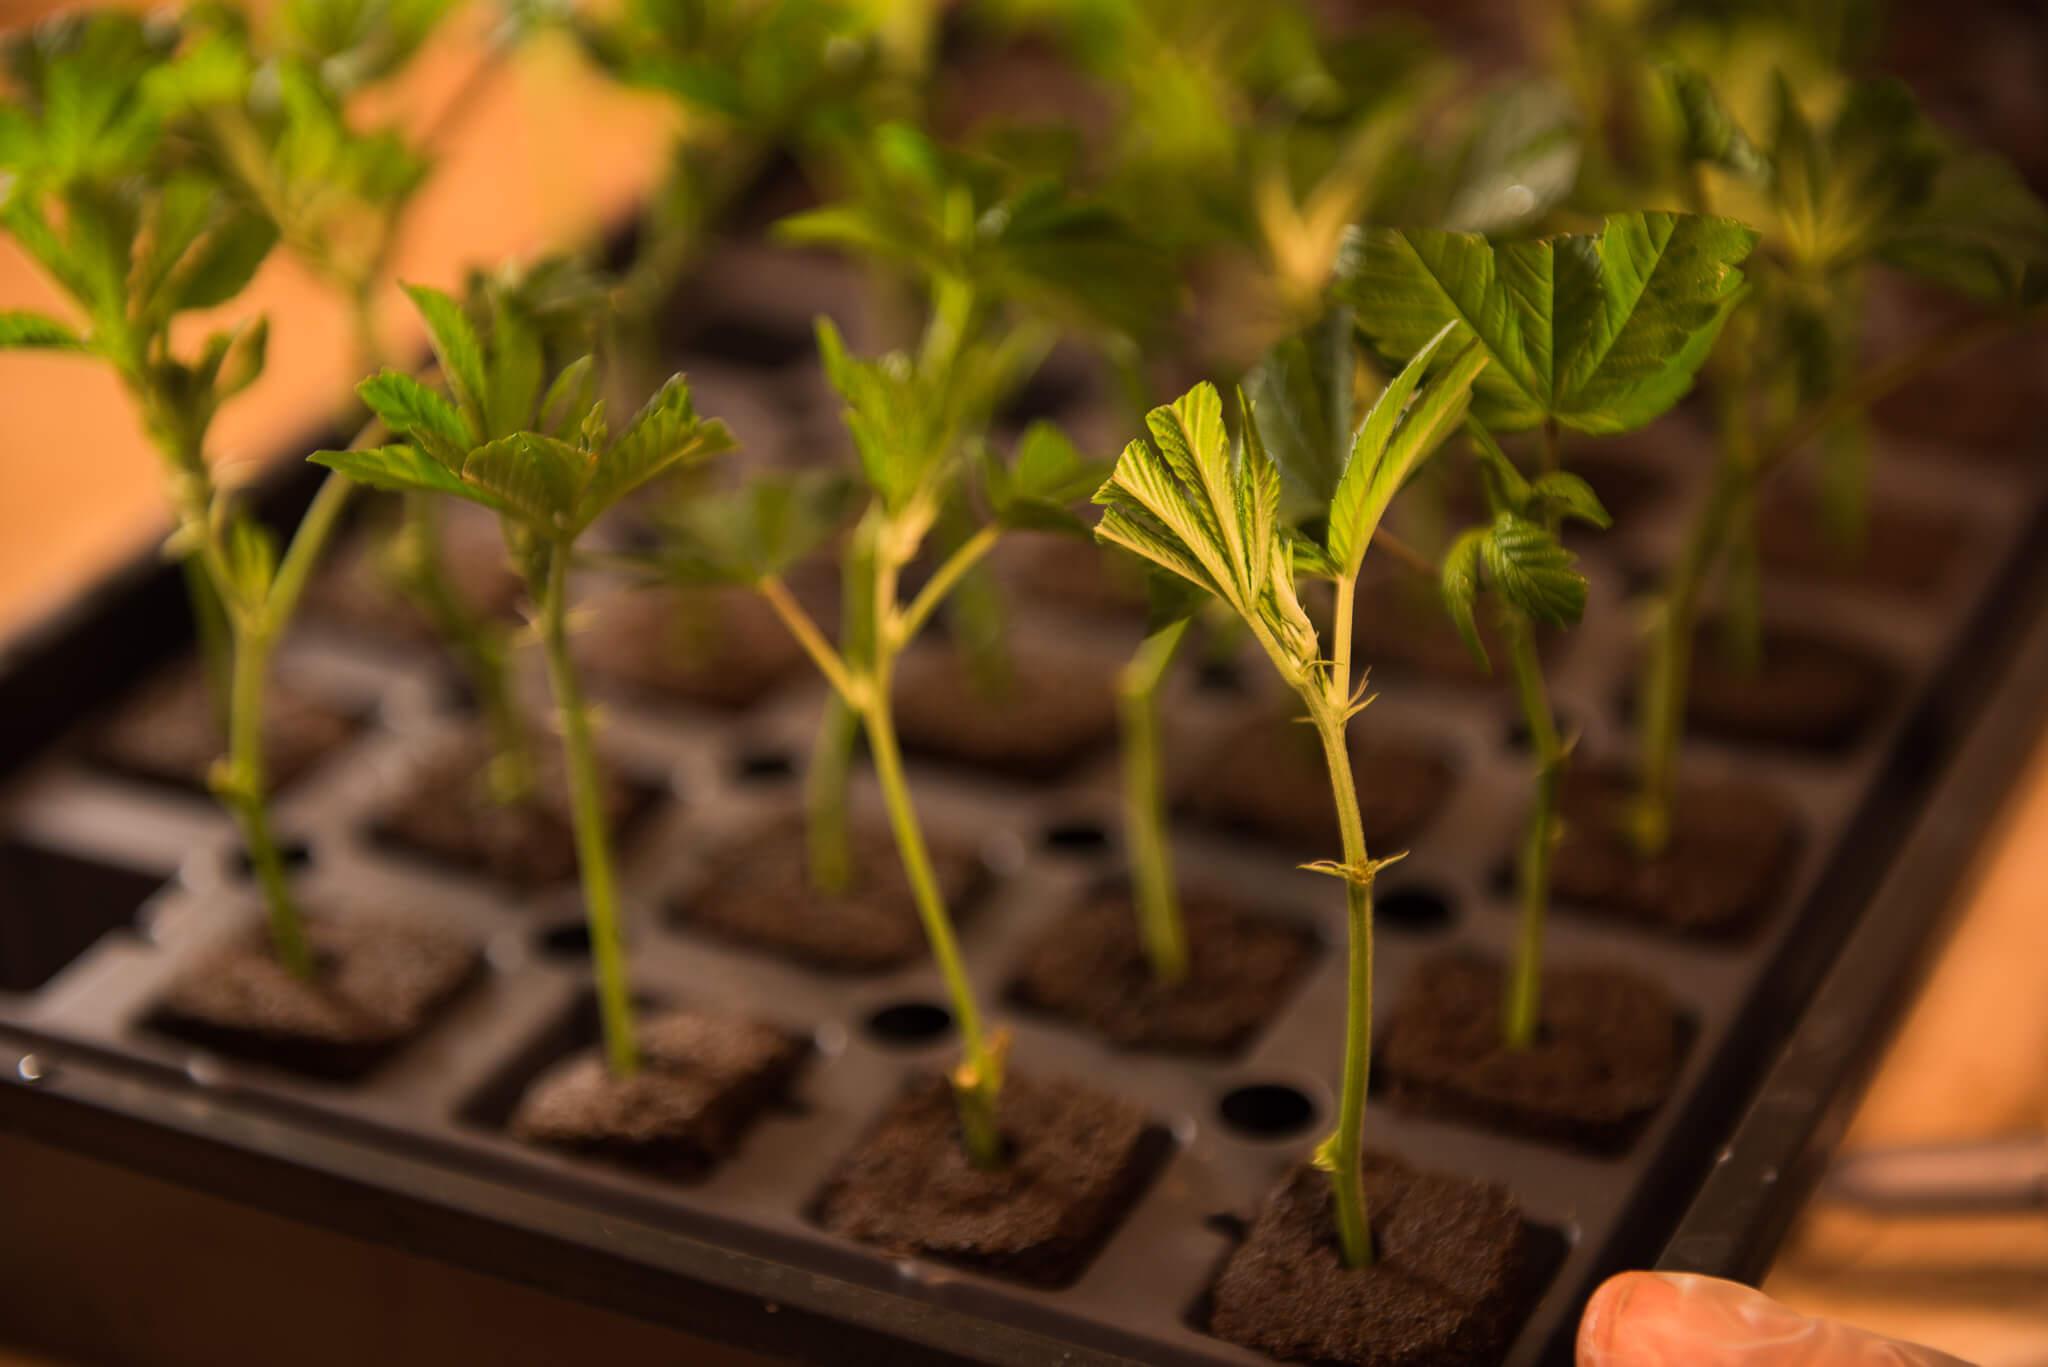 Talee, porzioni di ramo per piante perenni